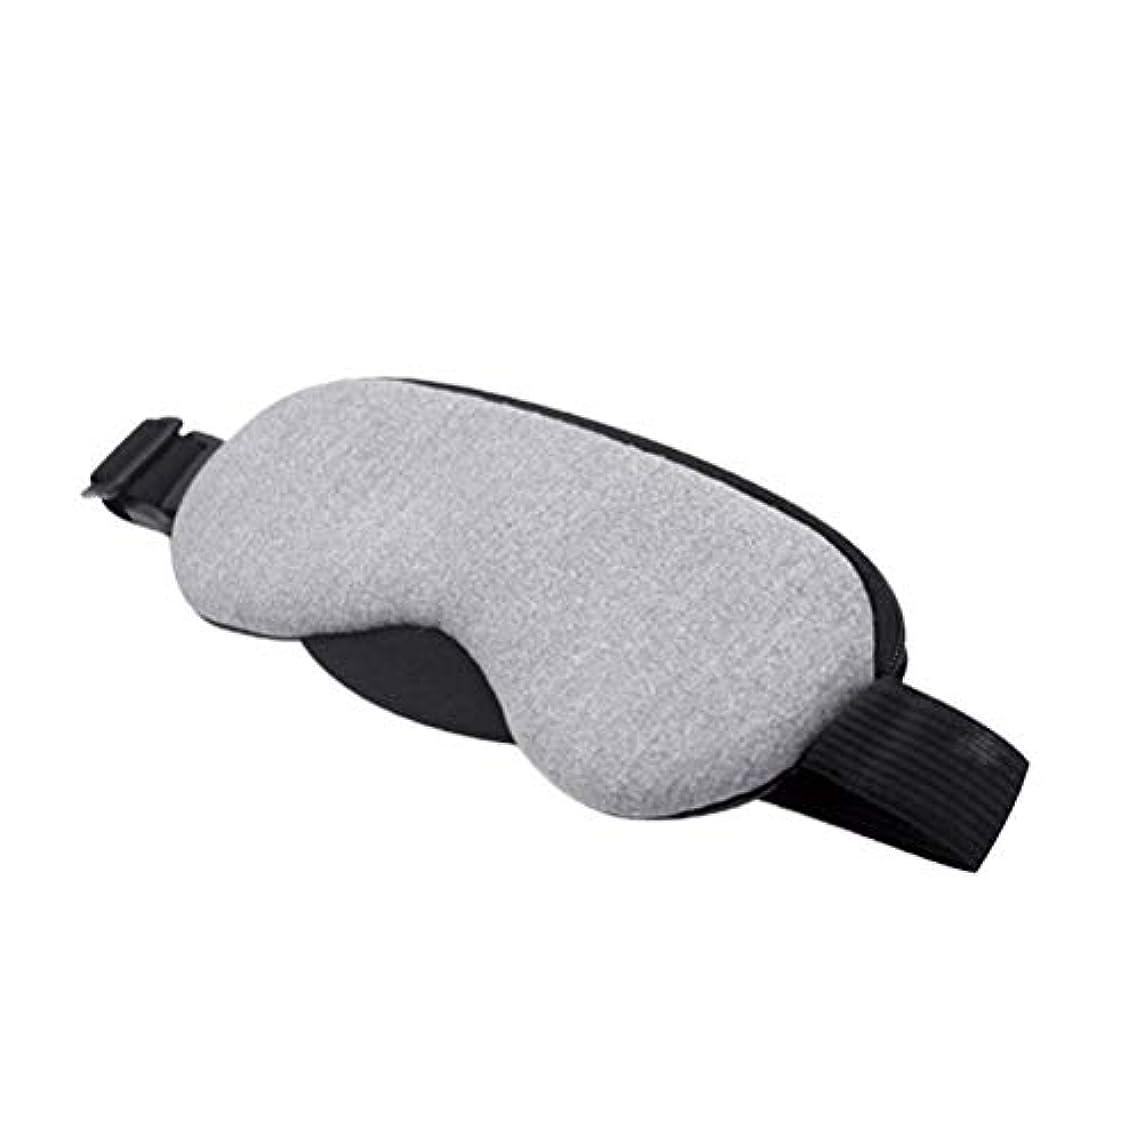 混雑バスアクセントHealifty アイマスク 蒸気ホットアイマスク USB 加熱式 スリーピングアイマスク 温度とタイミング制御 吹き出物/乾燥/疲れた目(灰色)